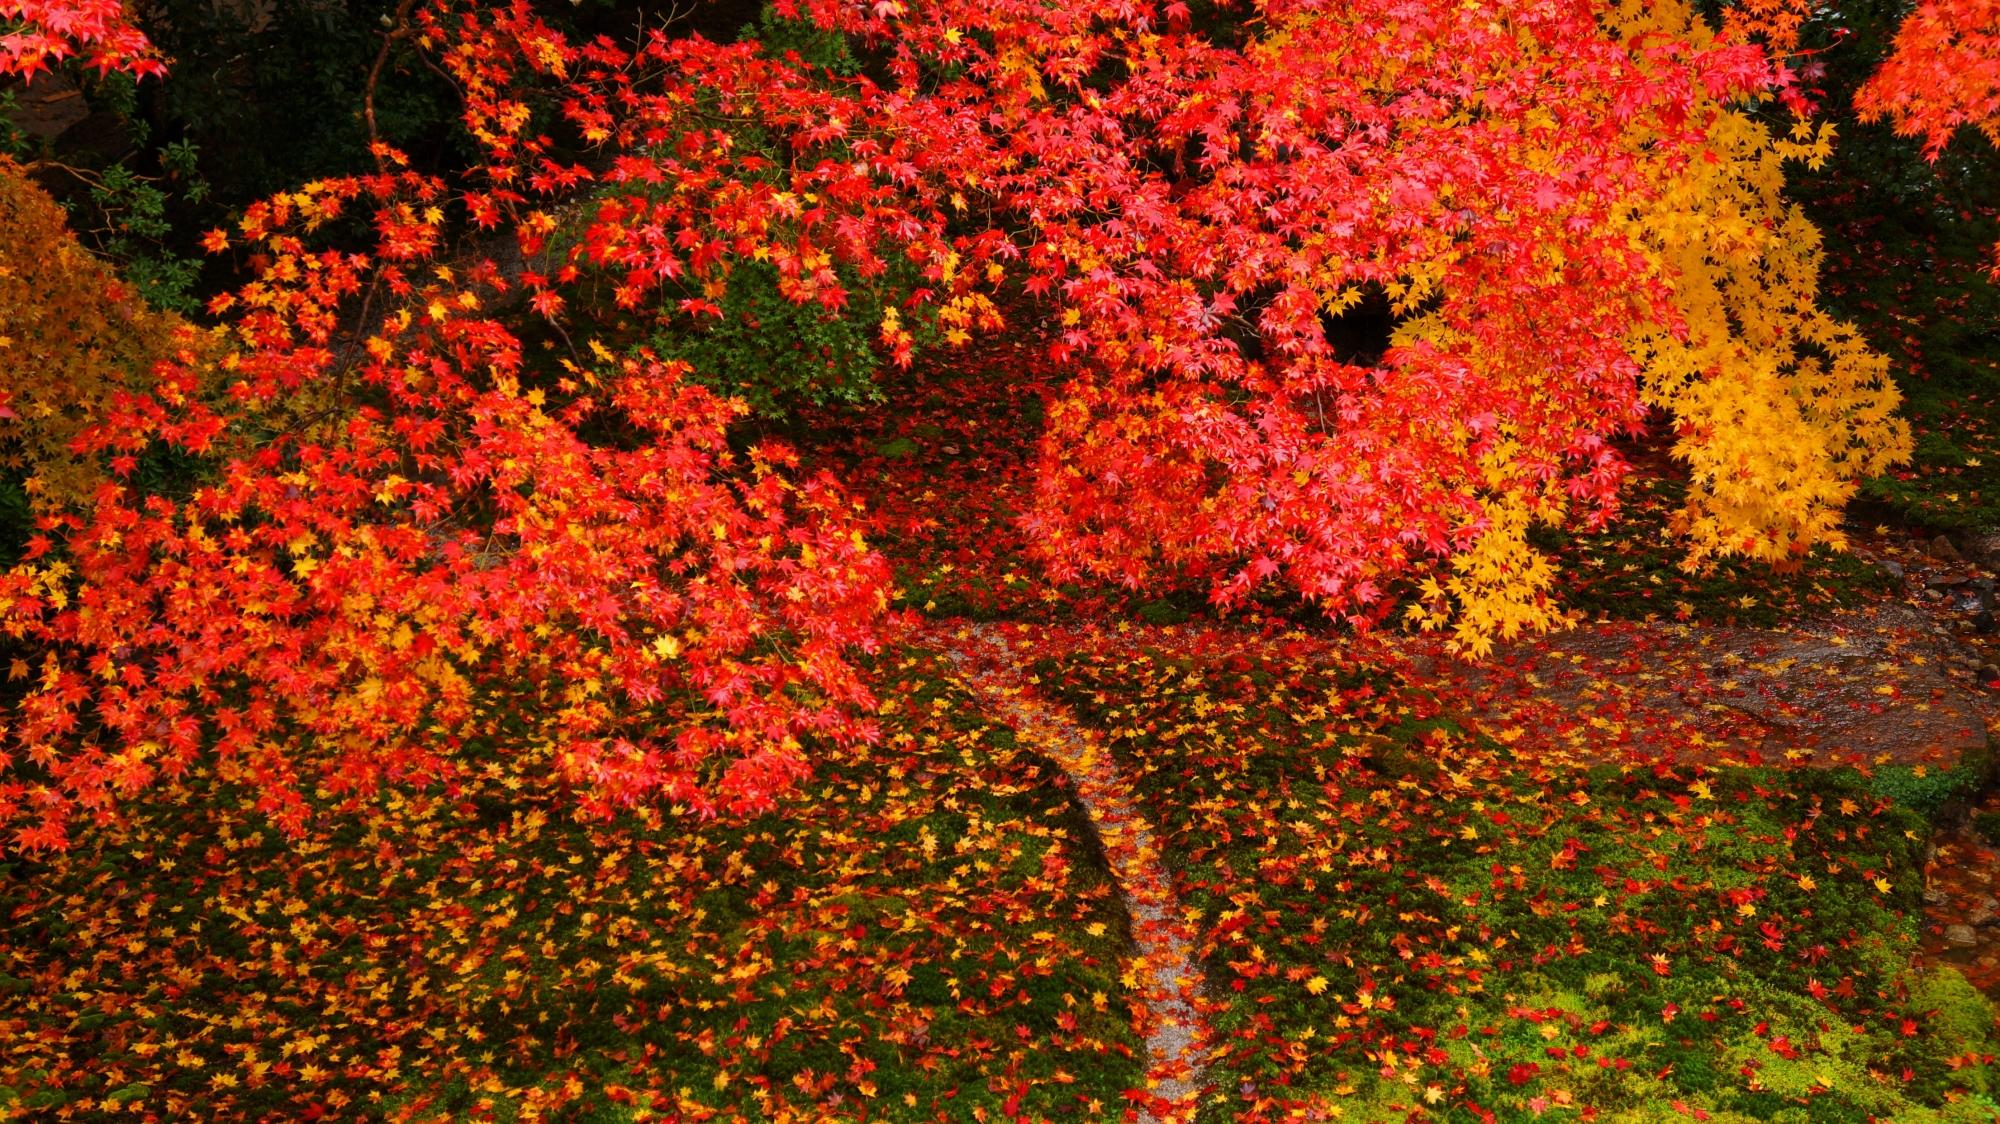 瑠璃の庭の緑の苔に散る色とりどりの紅葉